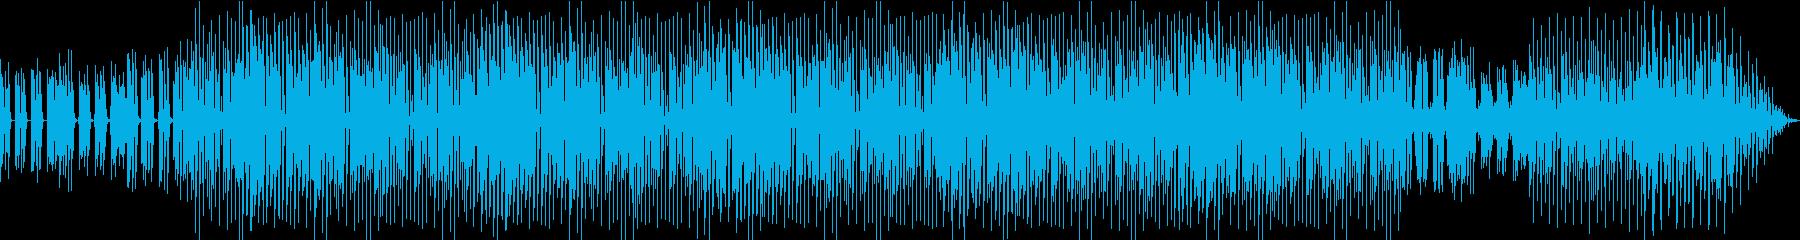 R & B テイストの爽やかポップ。の再生済みの波形